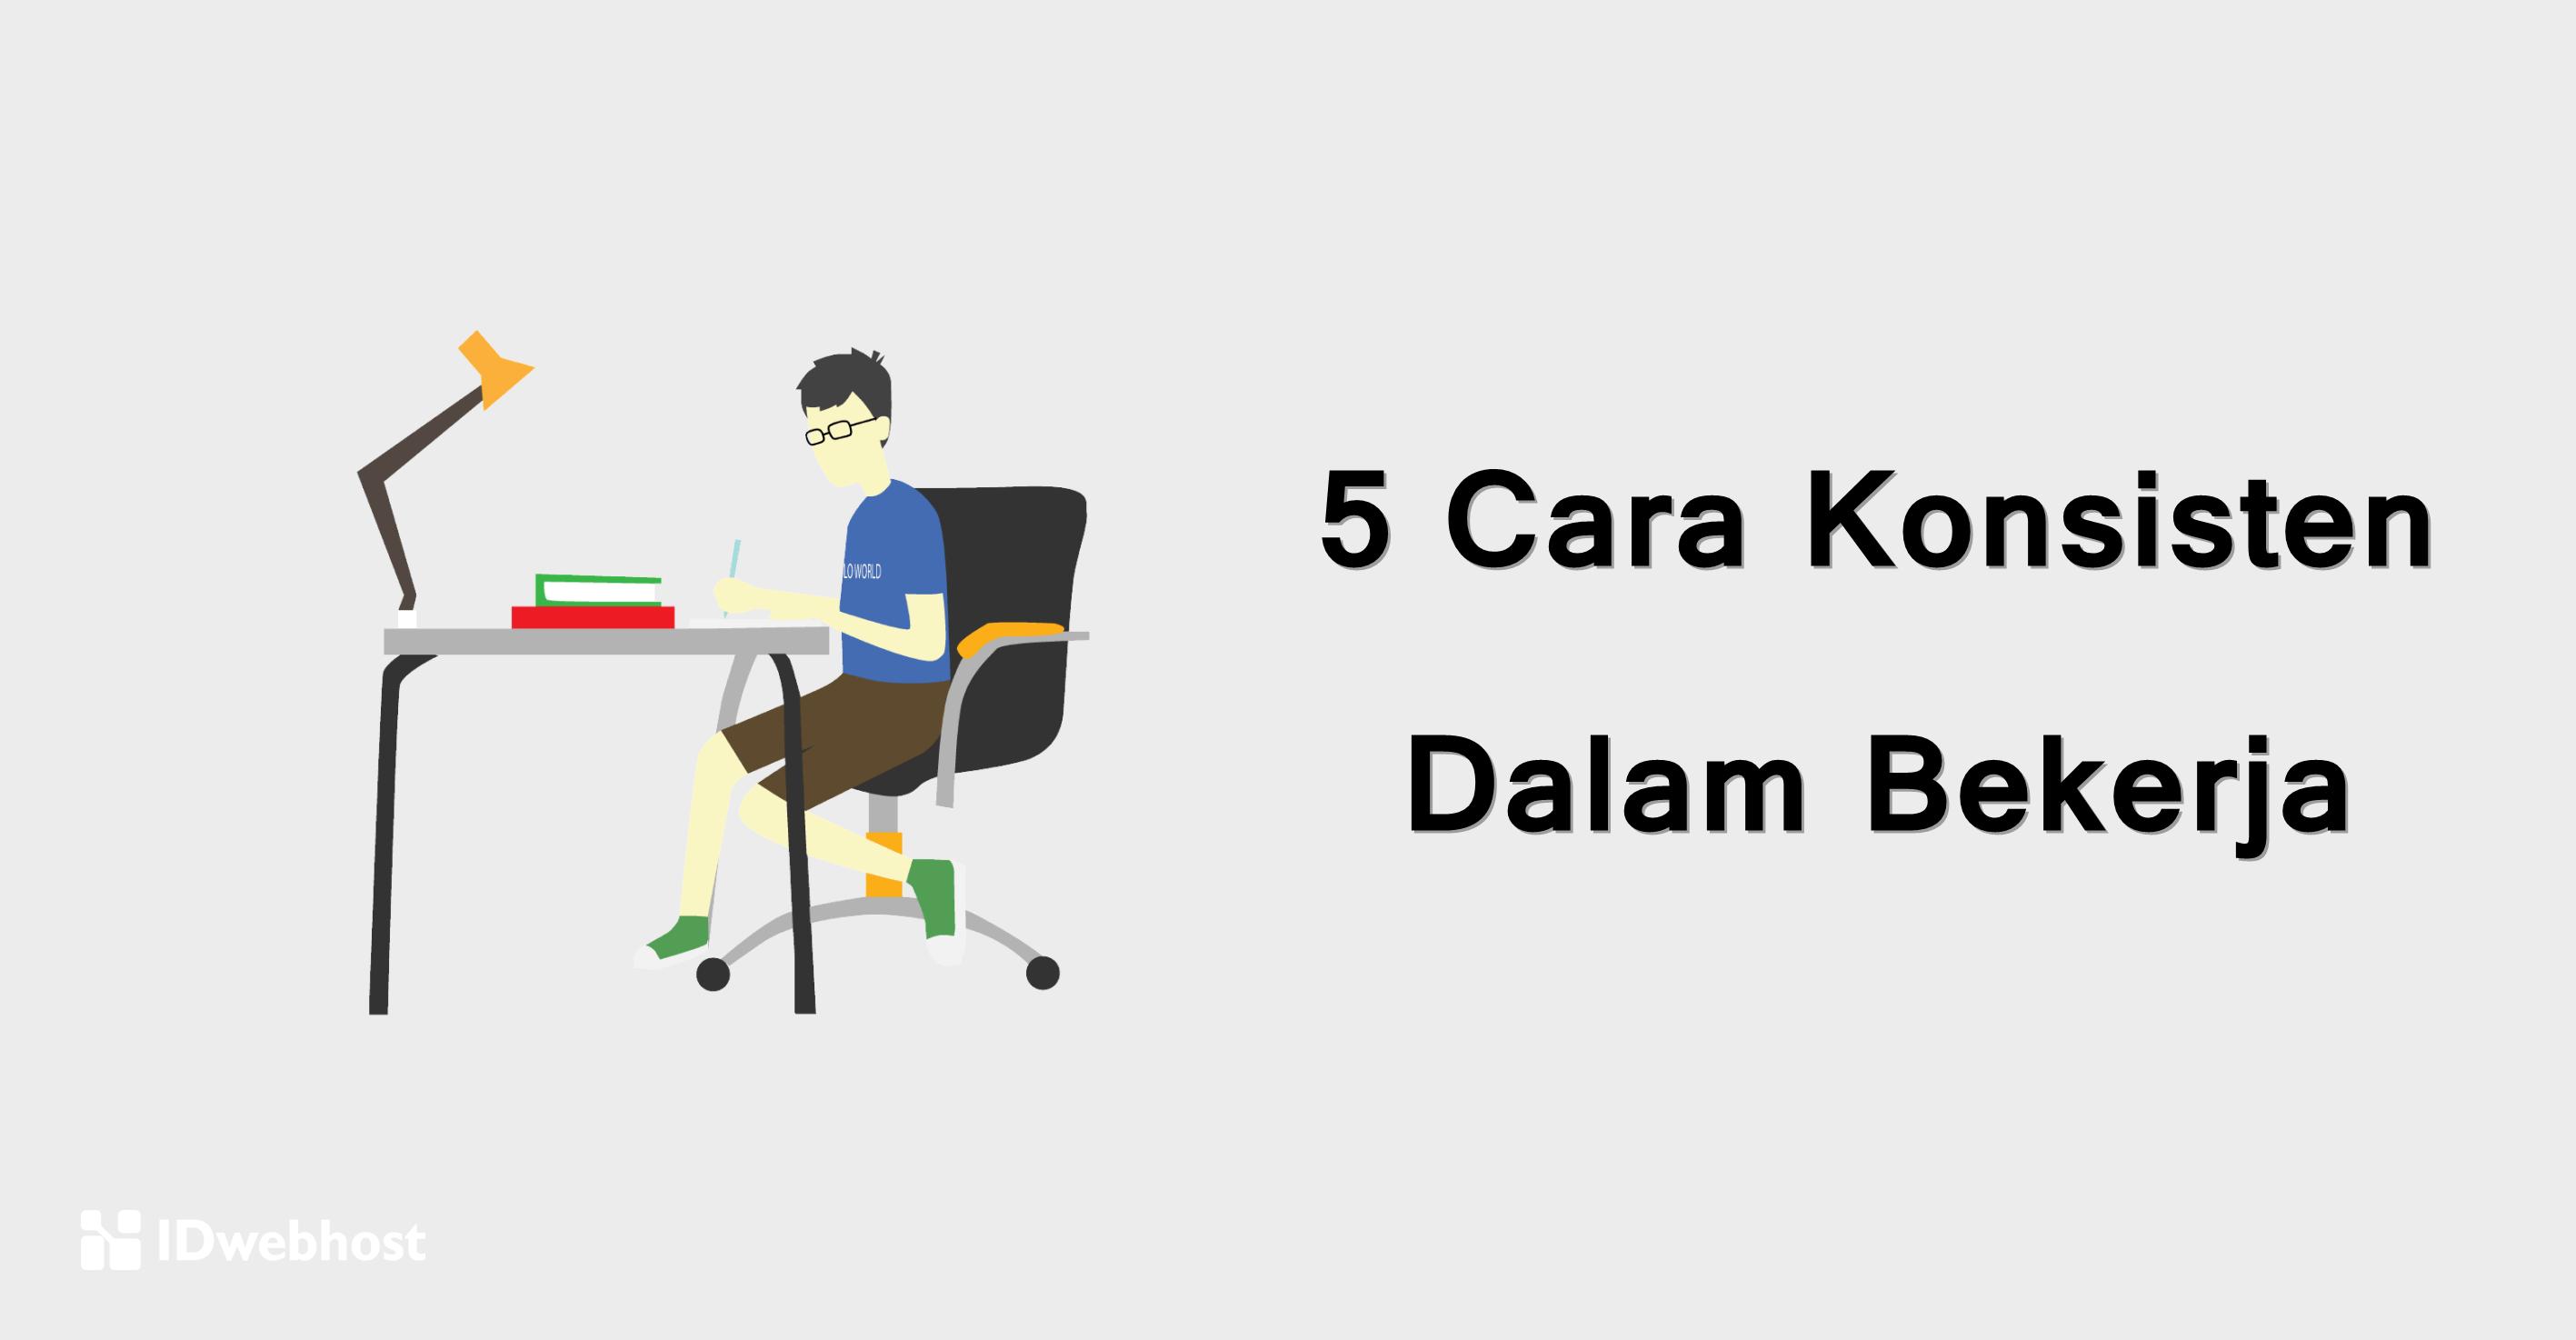 5 Cara Konsisten Dalam Bekerja